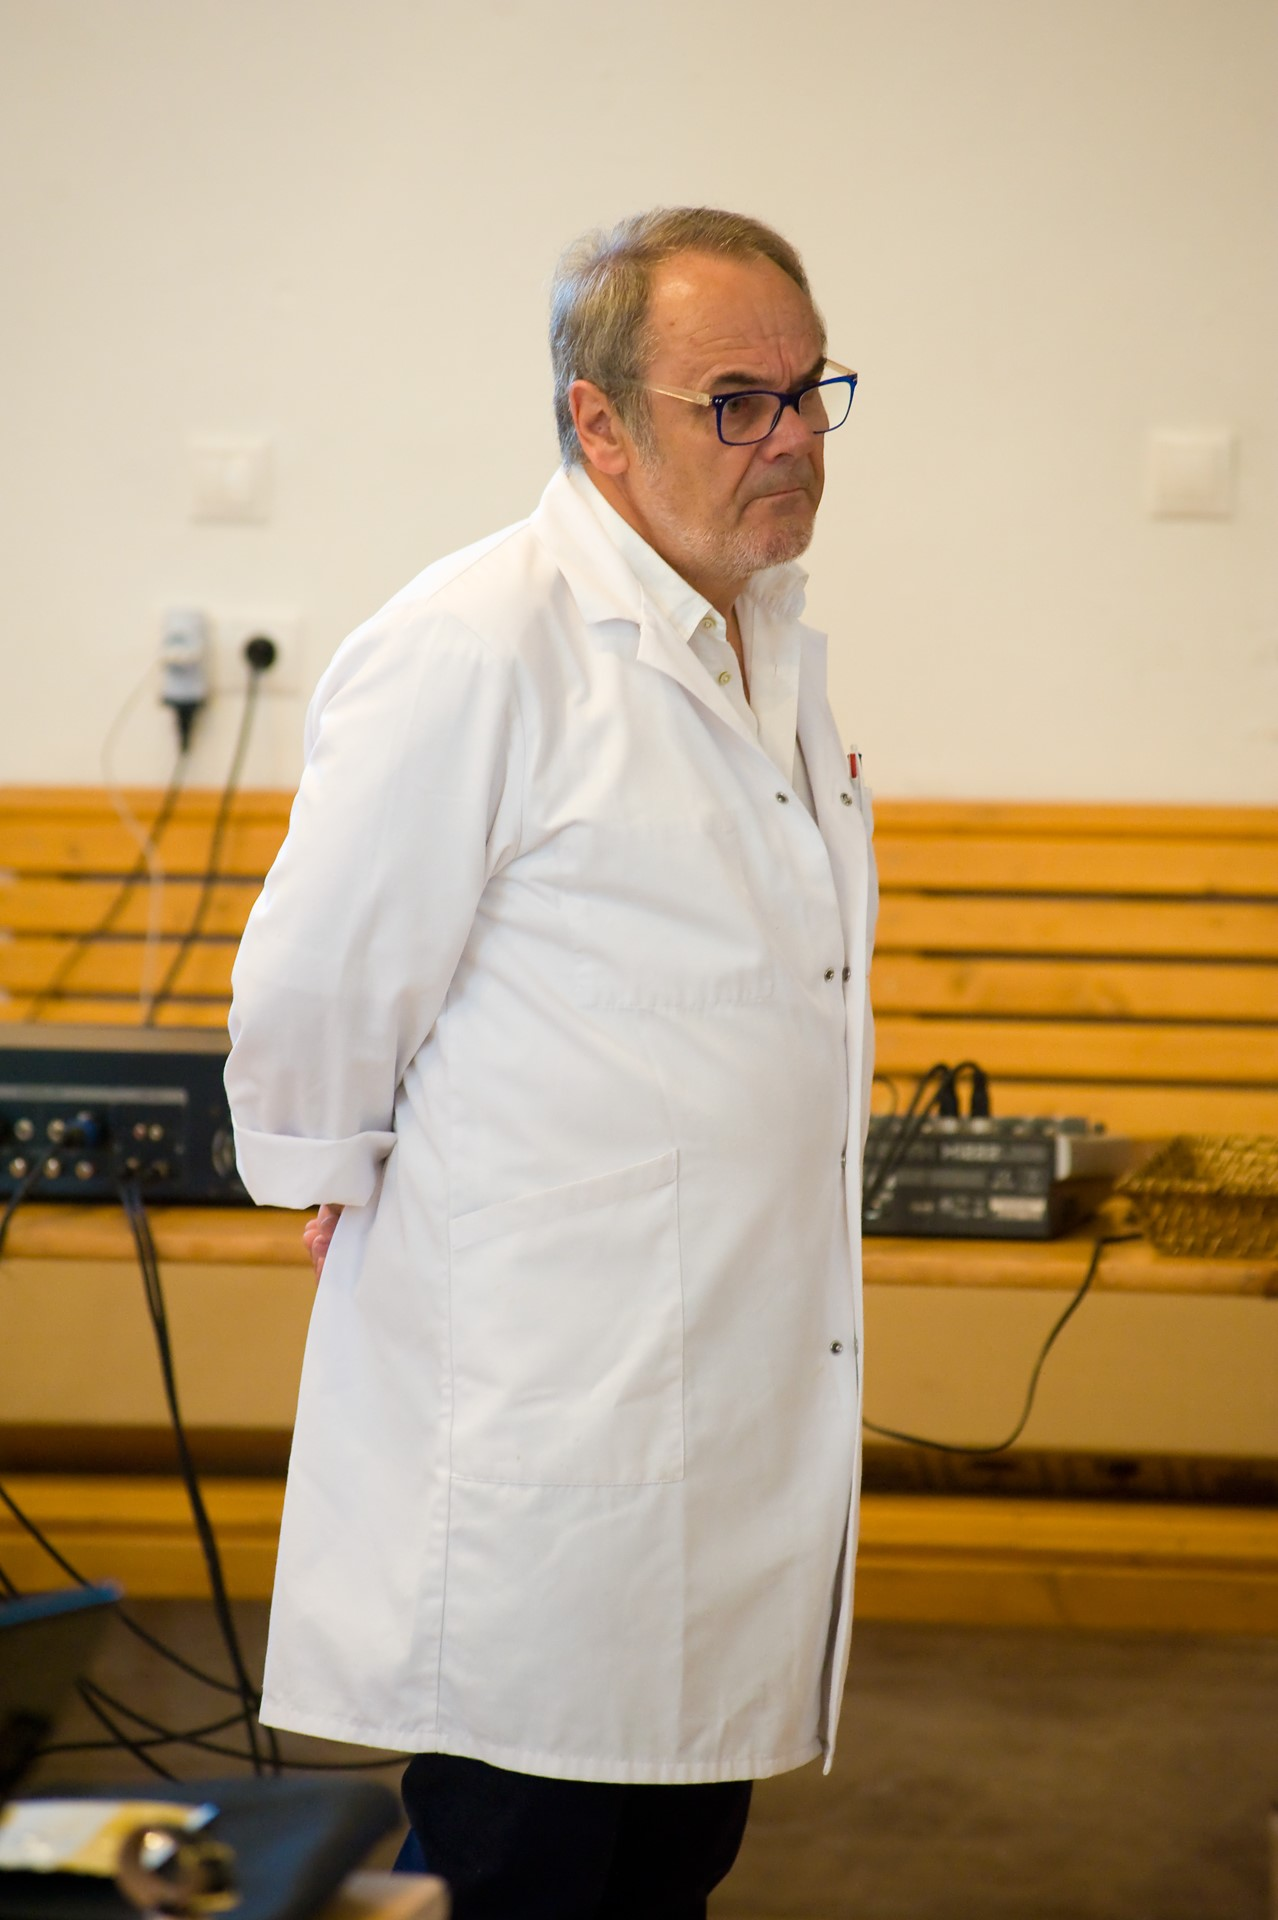 Lionel Guerin beszél a sajtkészítésben hasznos baktériumok és gombák szerepéről - Beszámoló a blogon hamarosan!